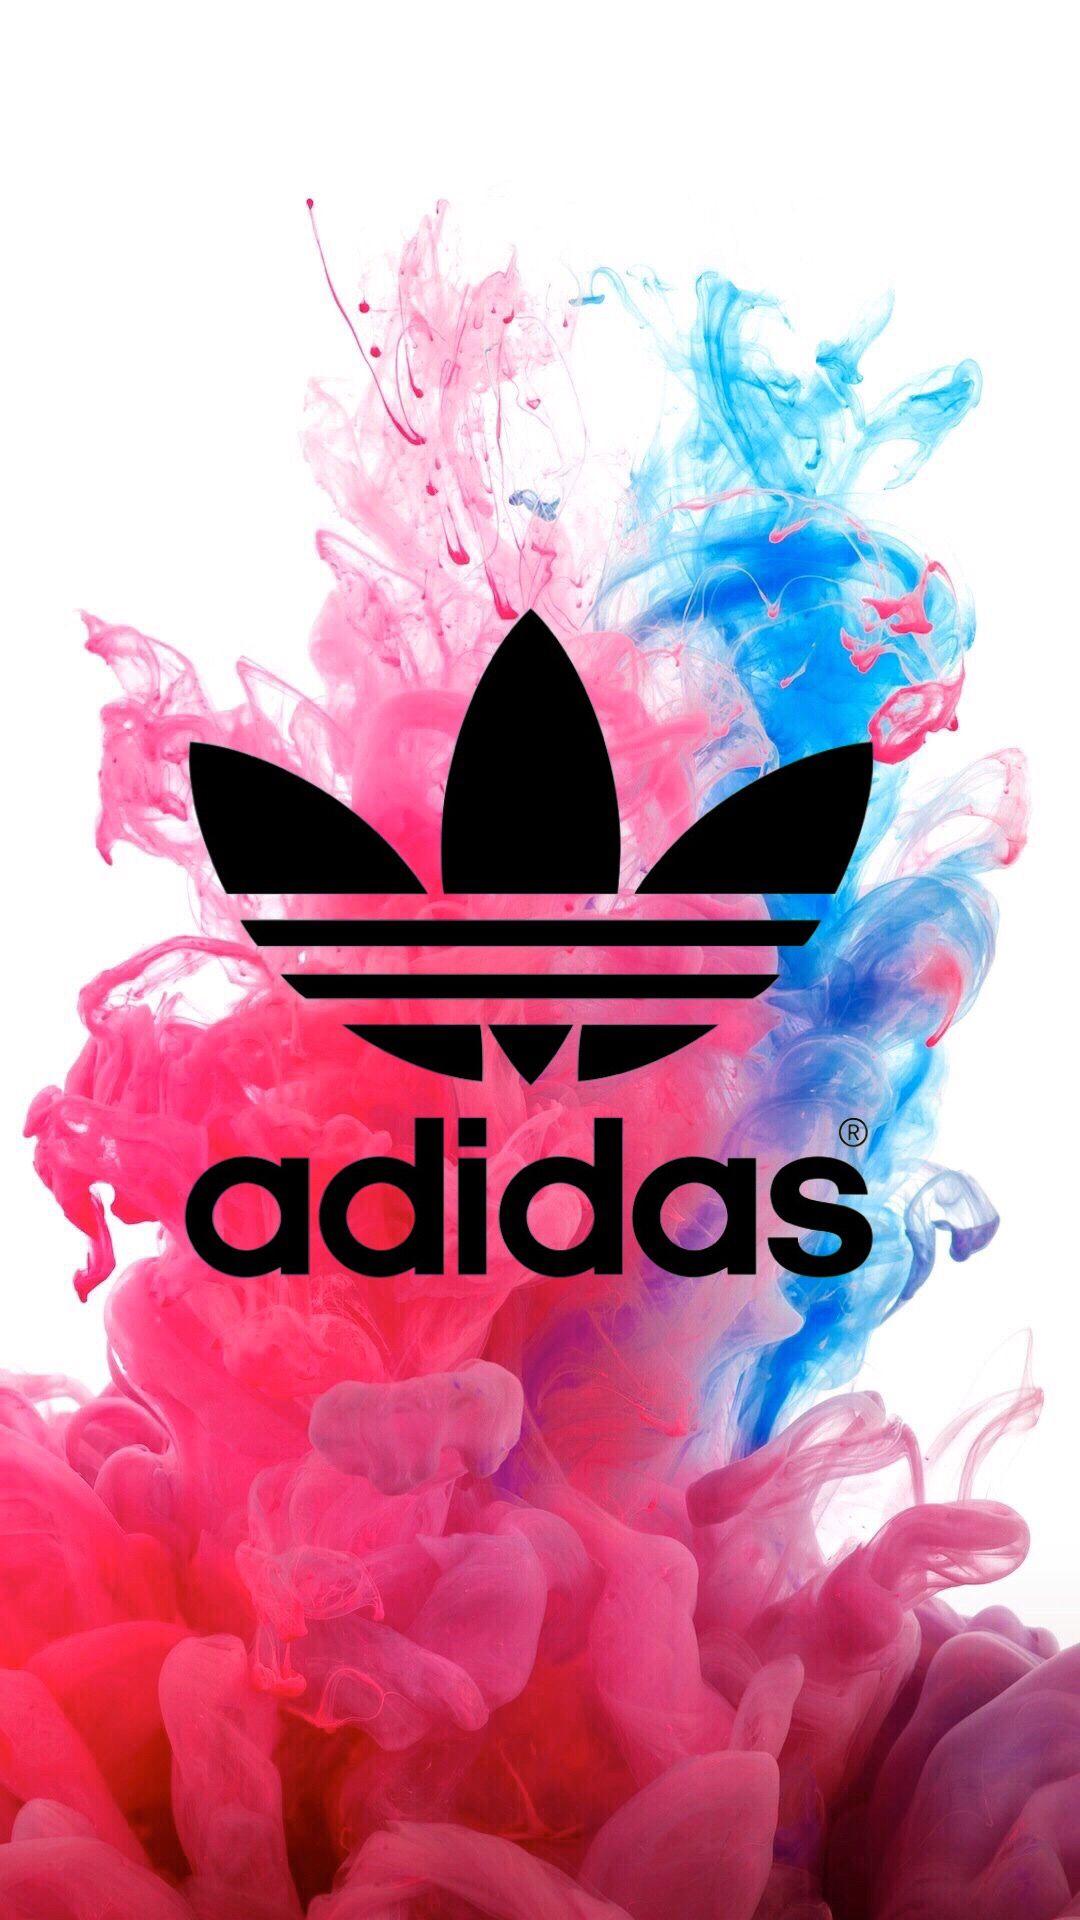 Adidas -40% na artykuły nieprzecenione Friends&Family!